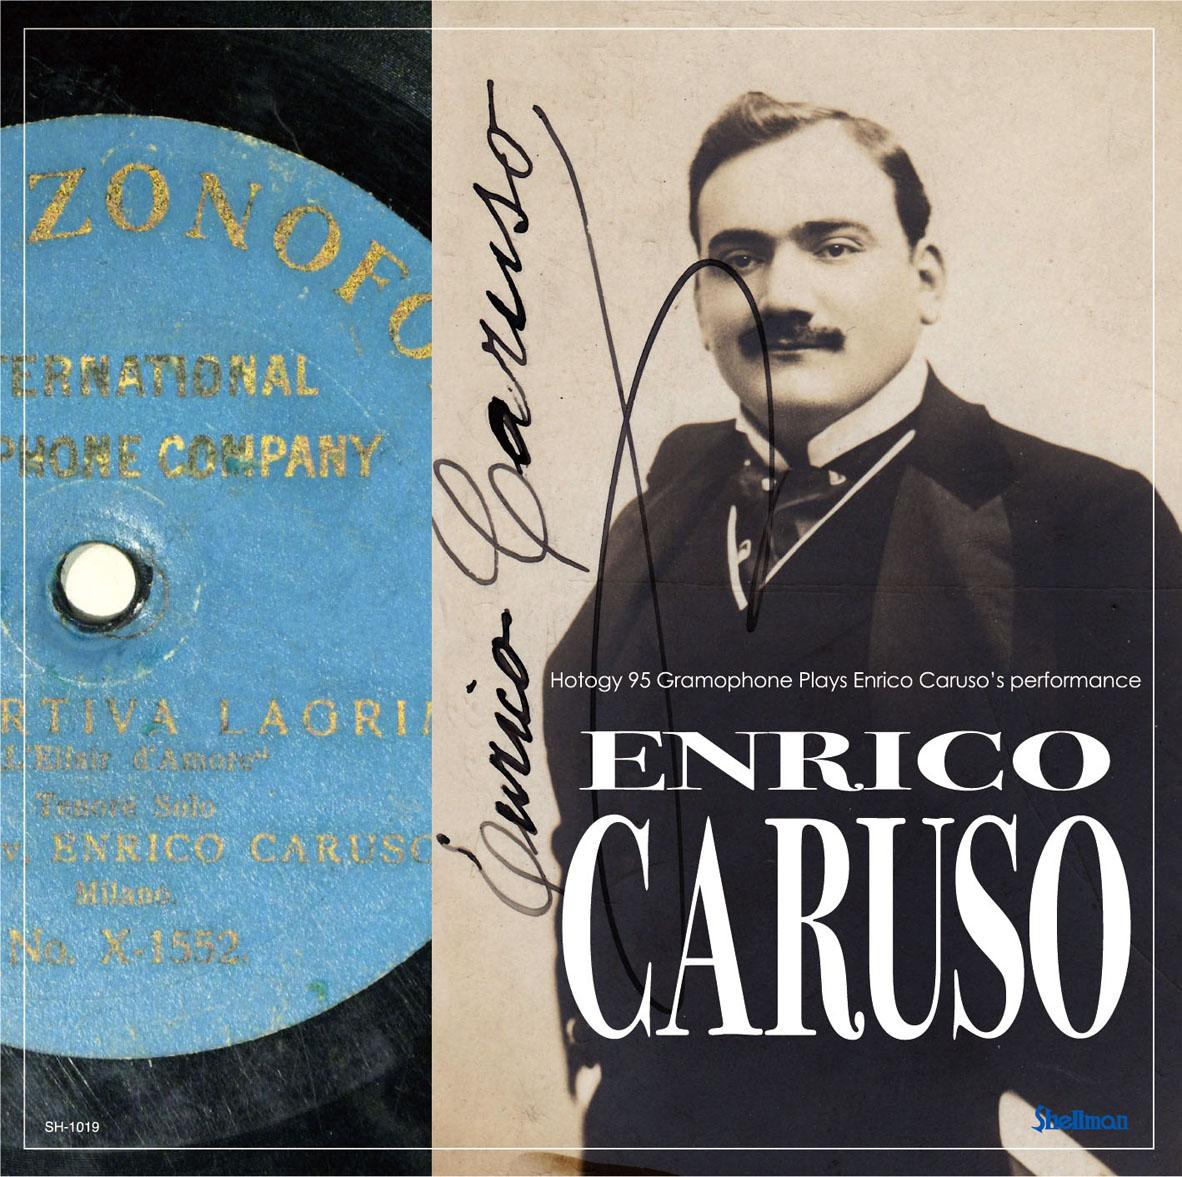 復刻CD「エンリコ・カルーソー」「ベニアミーノ・ジーリ」発売のお知らせ_a0047010_1271781.jpg